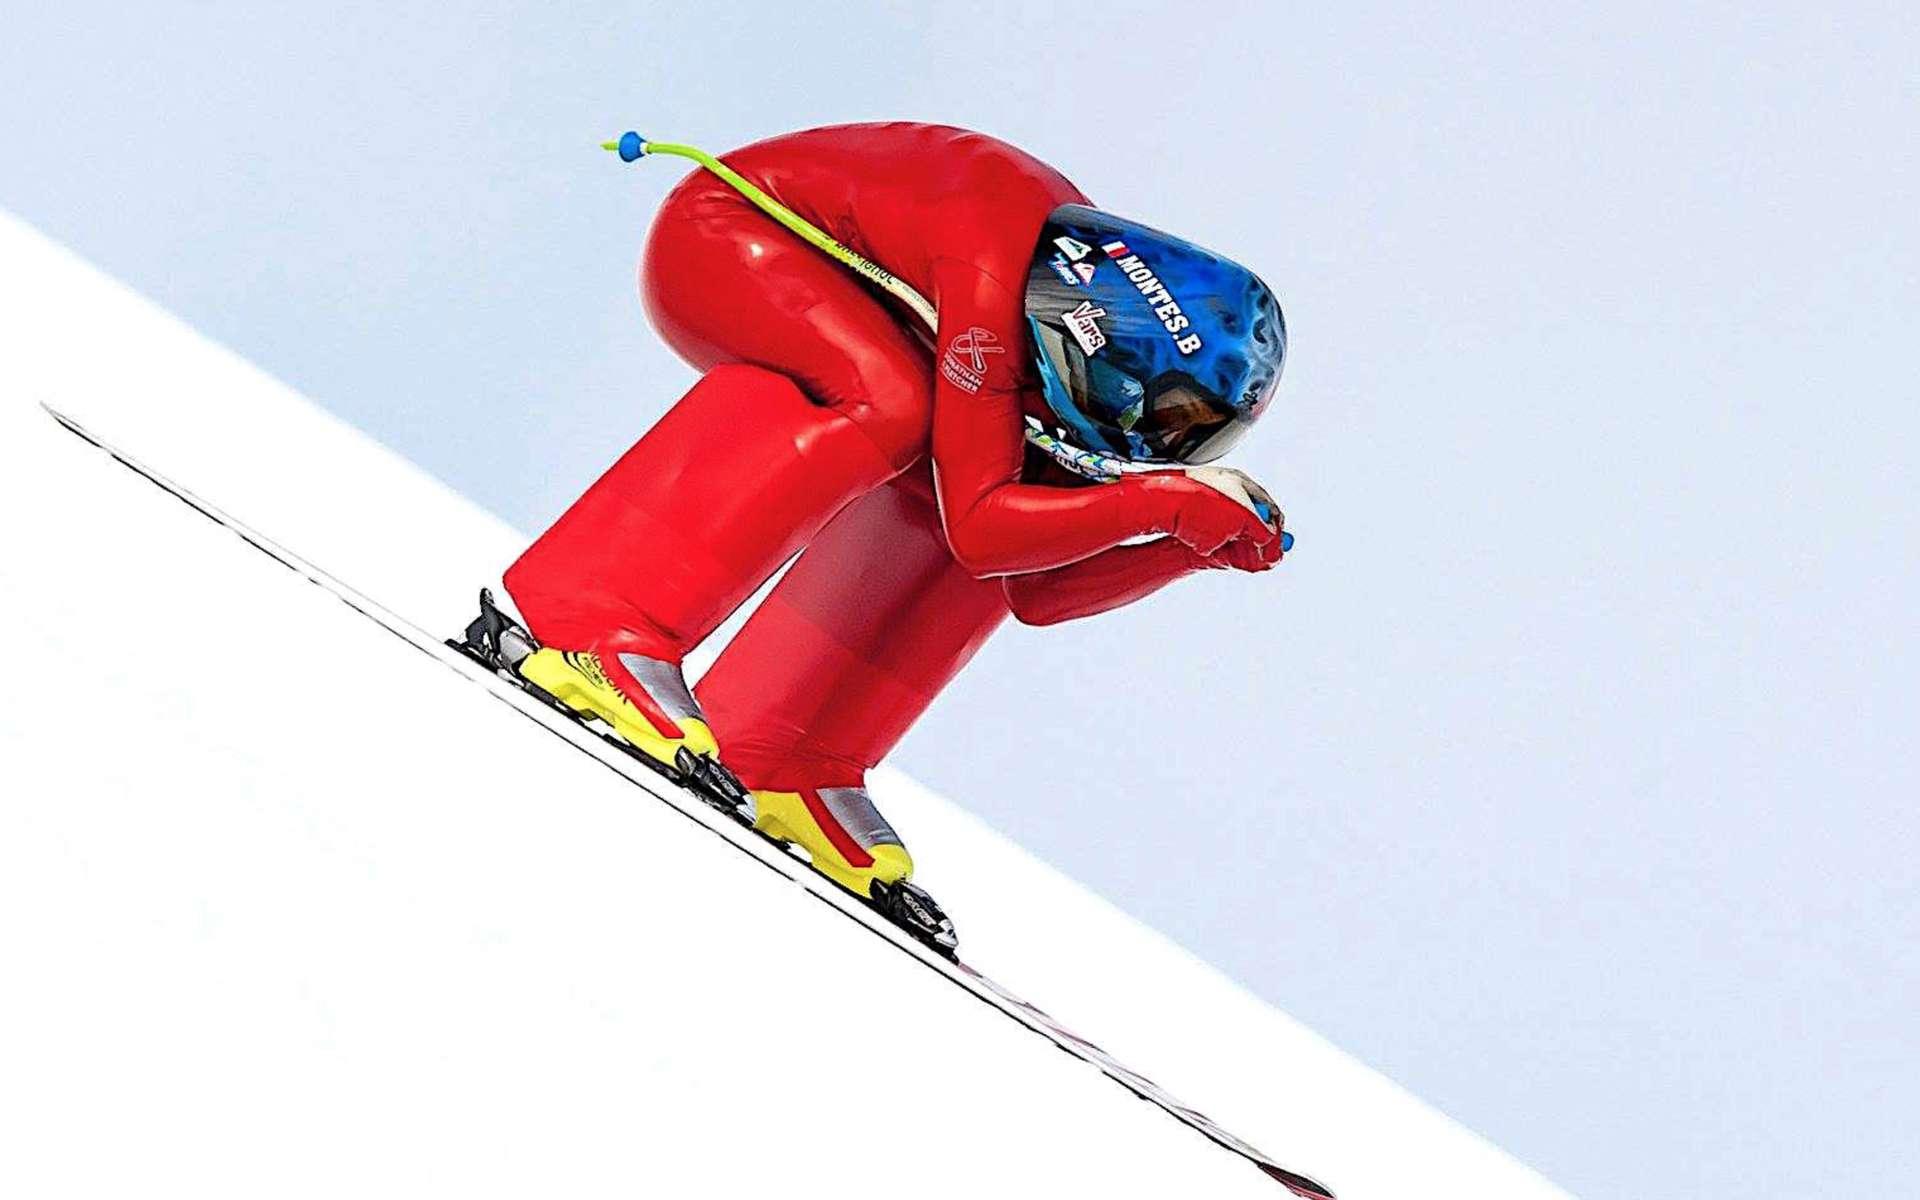 Pourquoi le ski de vitesse n'est-il pas une discipline olympique ? © VARS La Forêt Blanche